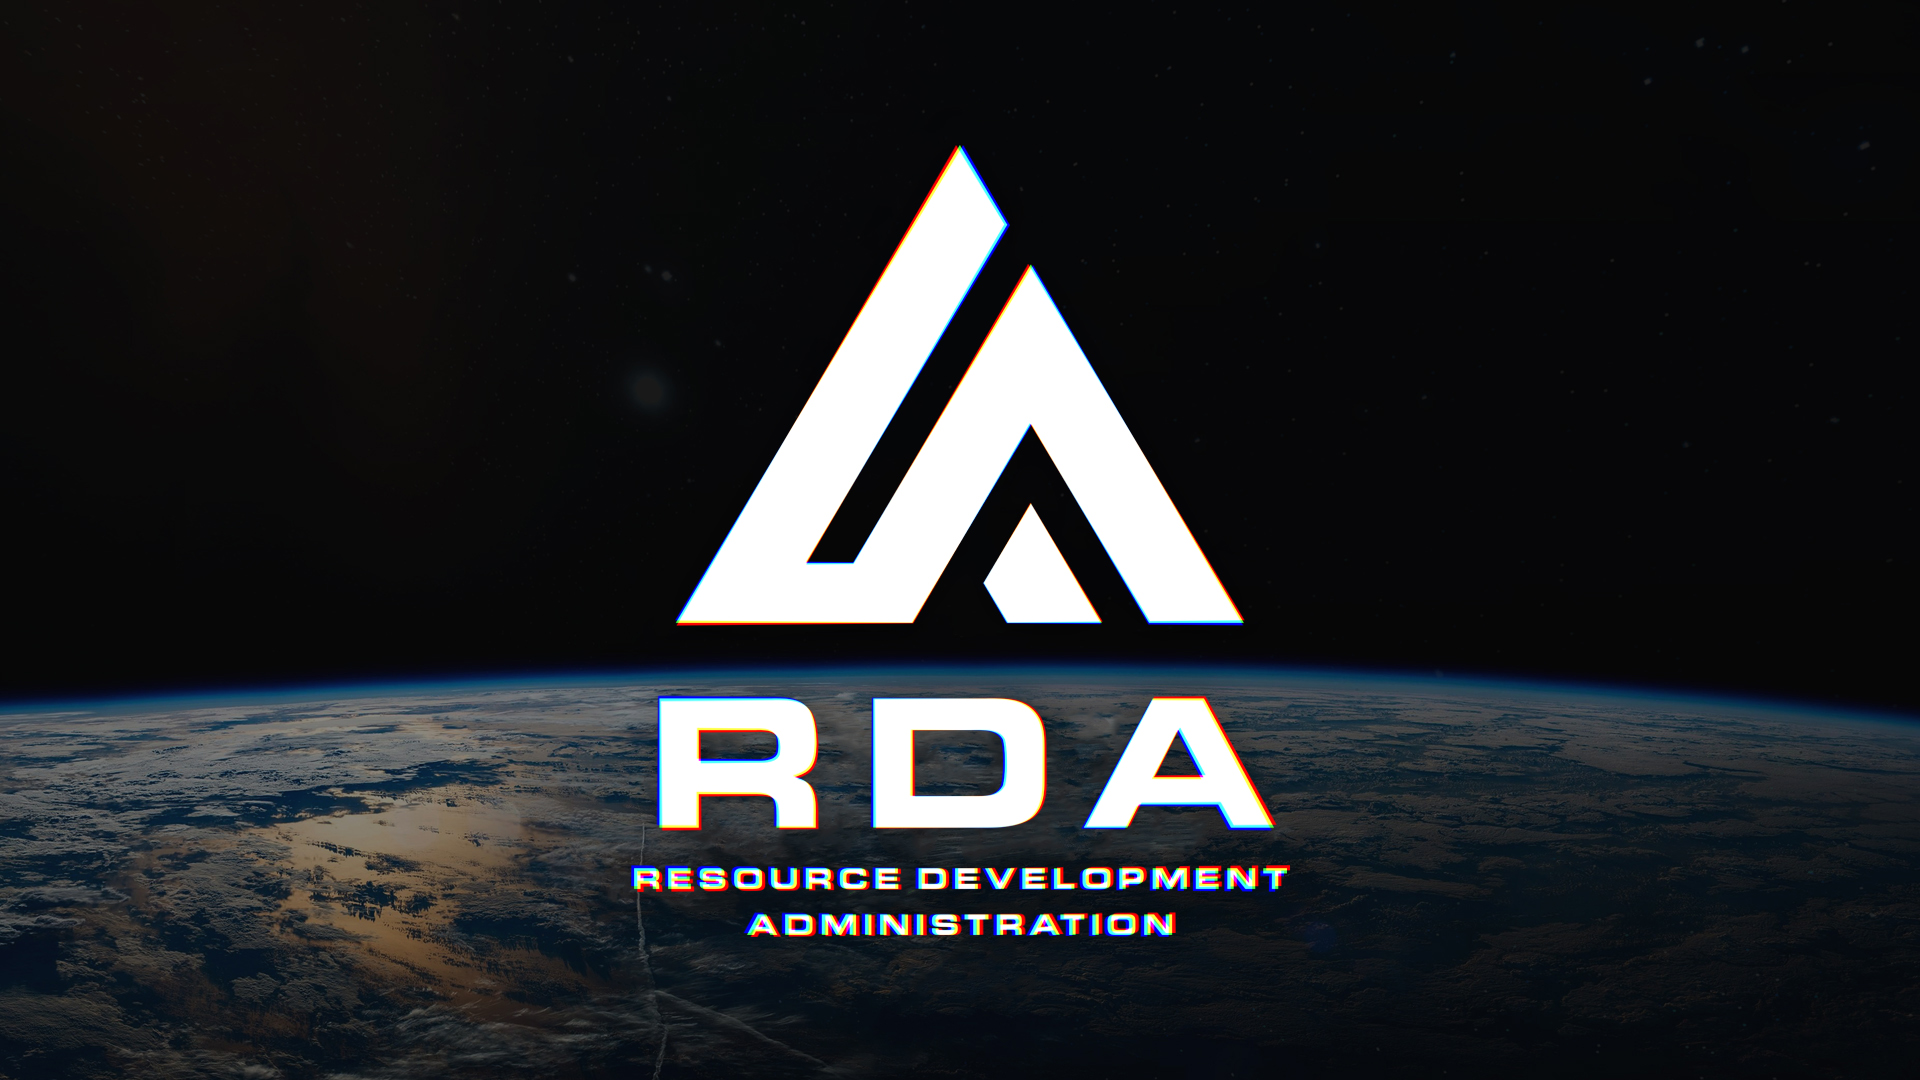 Steam Workshop Resource Development Administration RDA 1920x1080